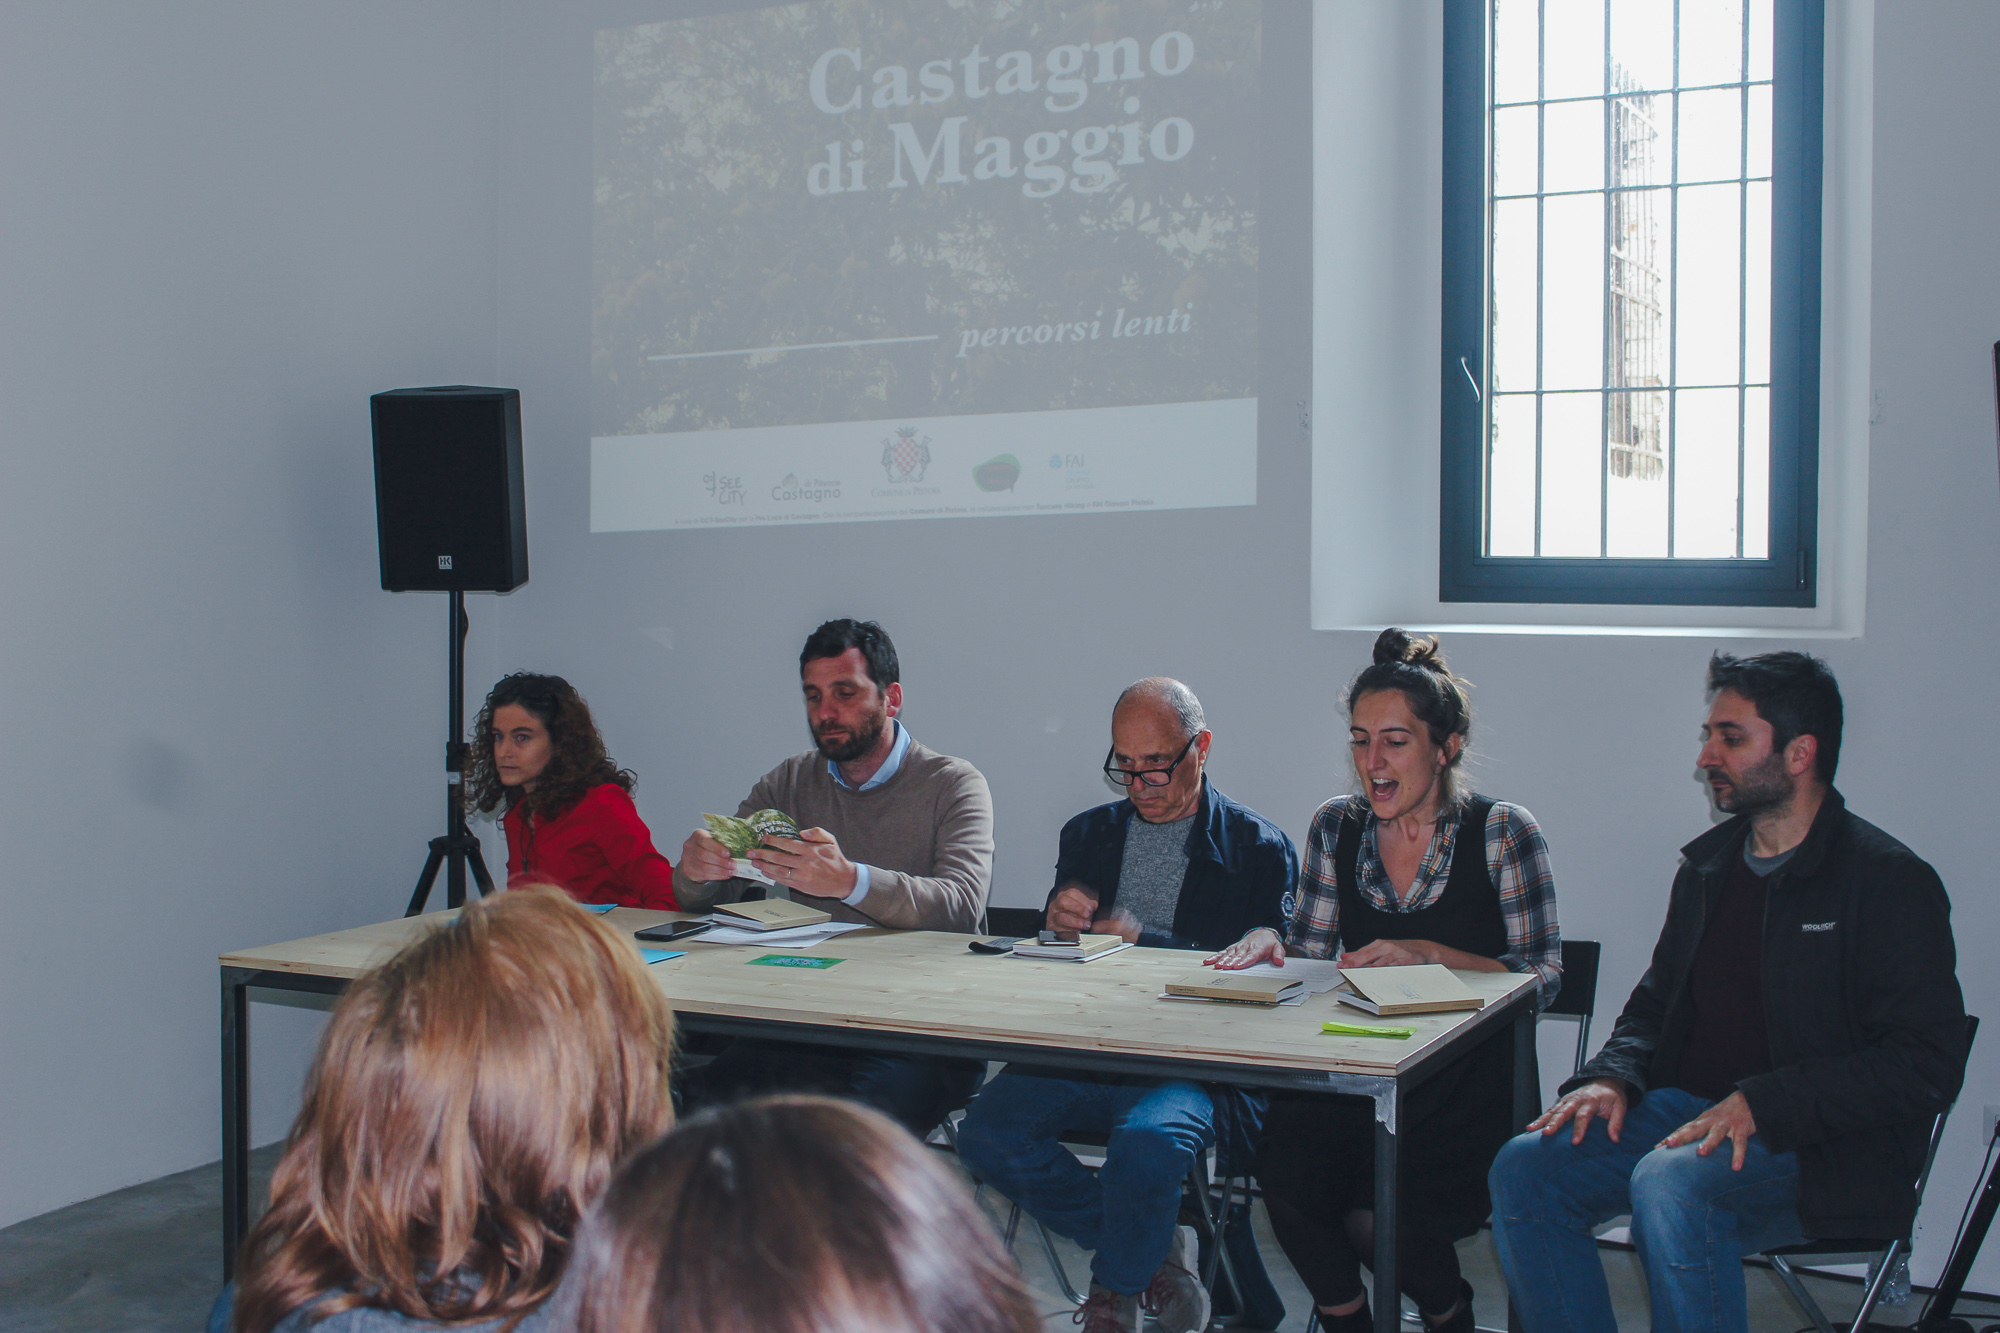 Castagno di Maggio - conferenza stampa - 24 aprile 2019 - 03.jpg